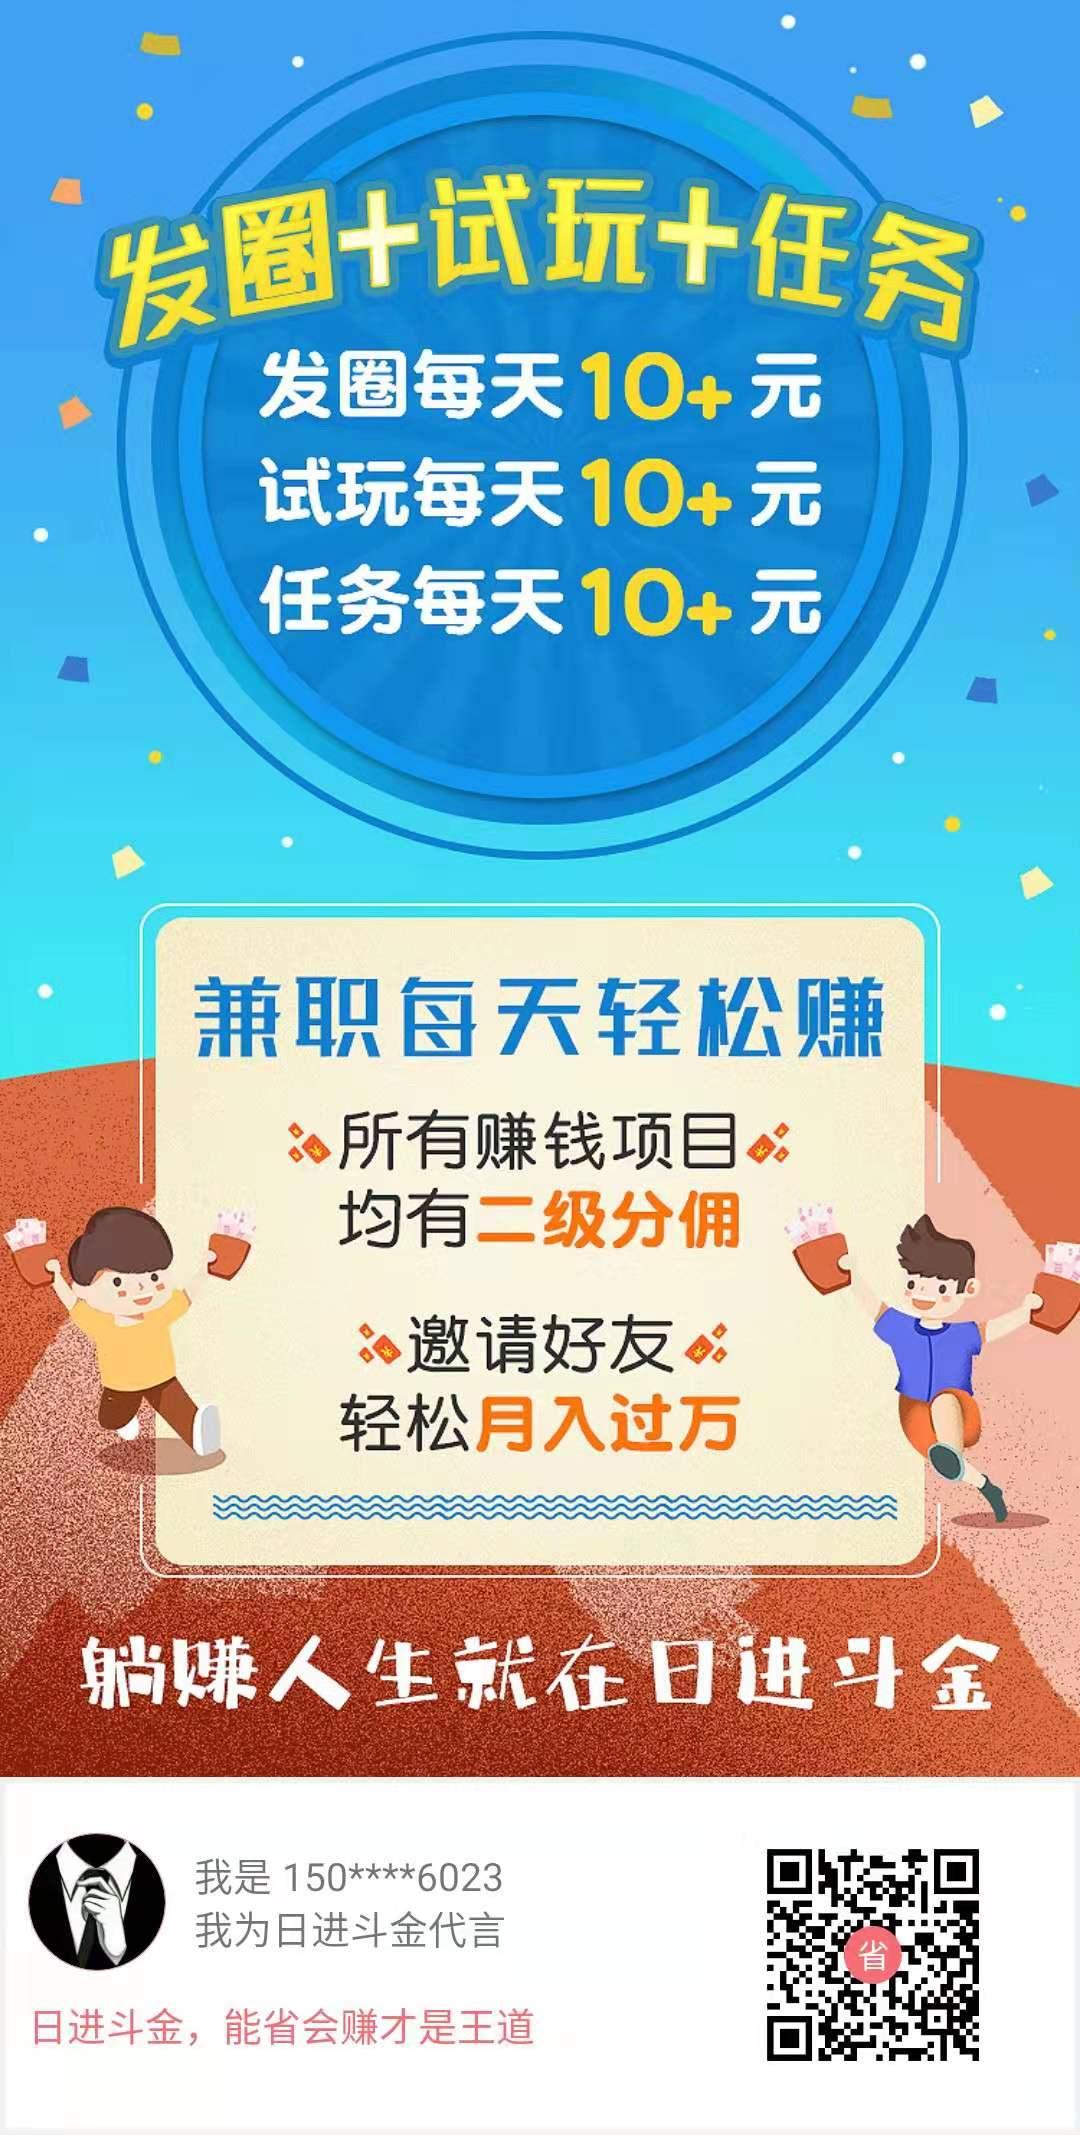 日进斗金新增微信提现了,发圈每天0撸6元已撸200元插图(2)